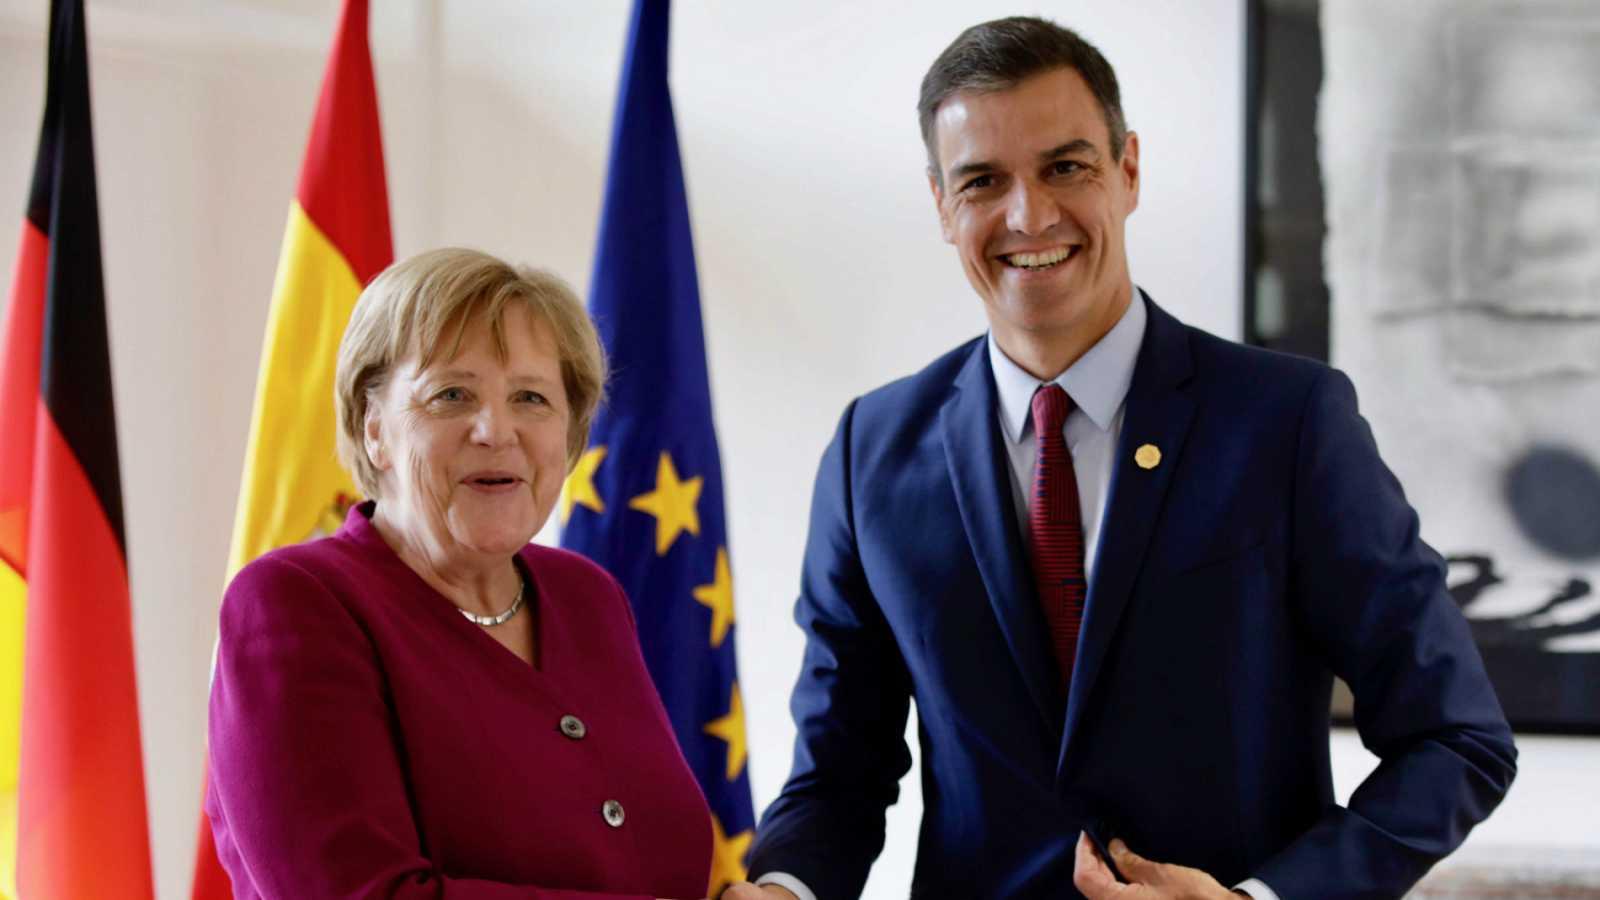 Los líderes europeos inician las negociaciones para renovar los cargos de la UE